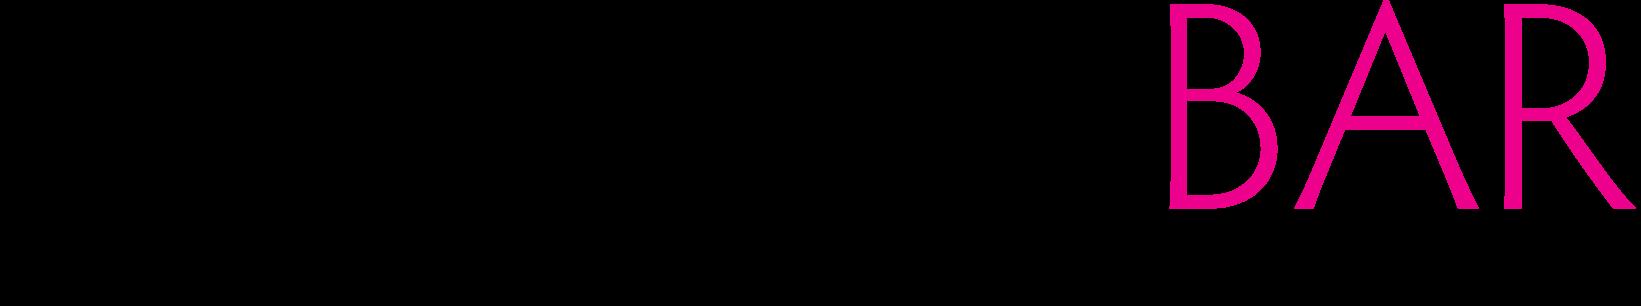 TEB_logo-300.png